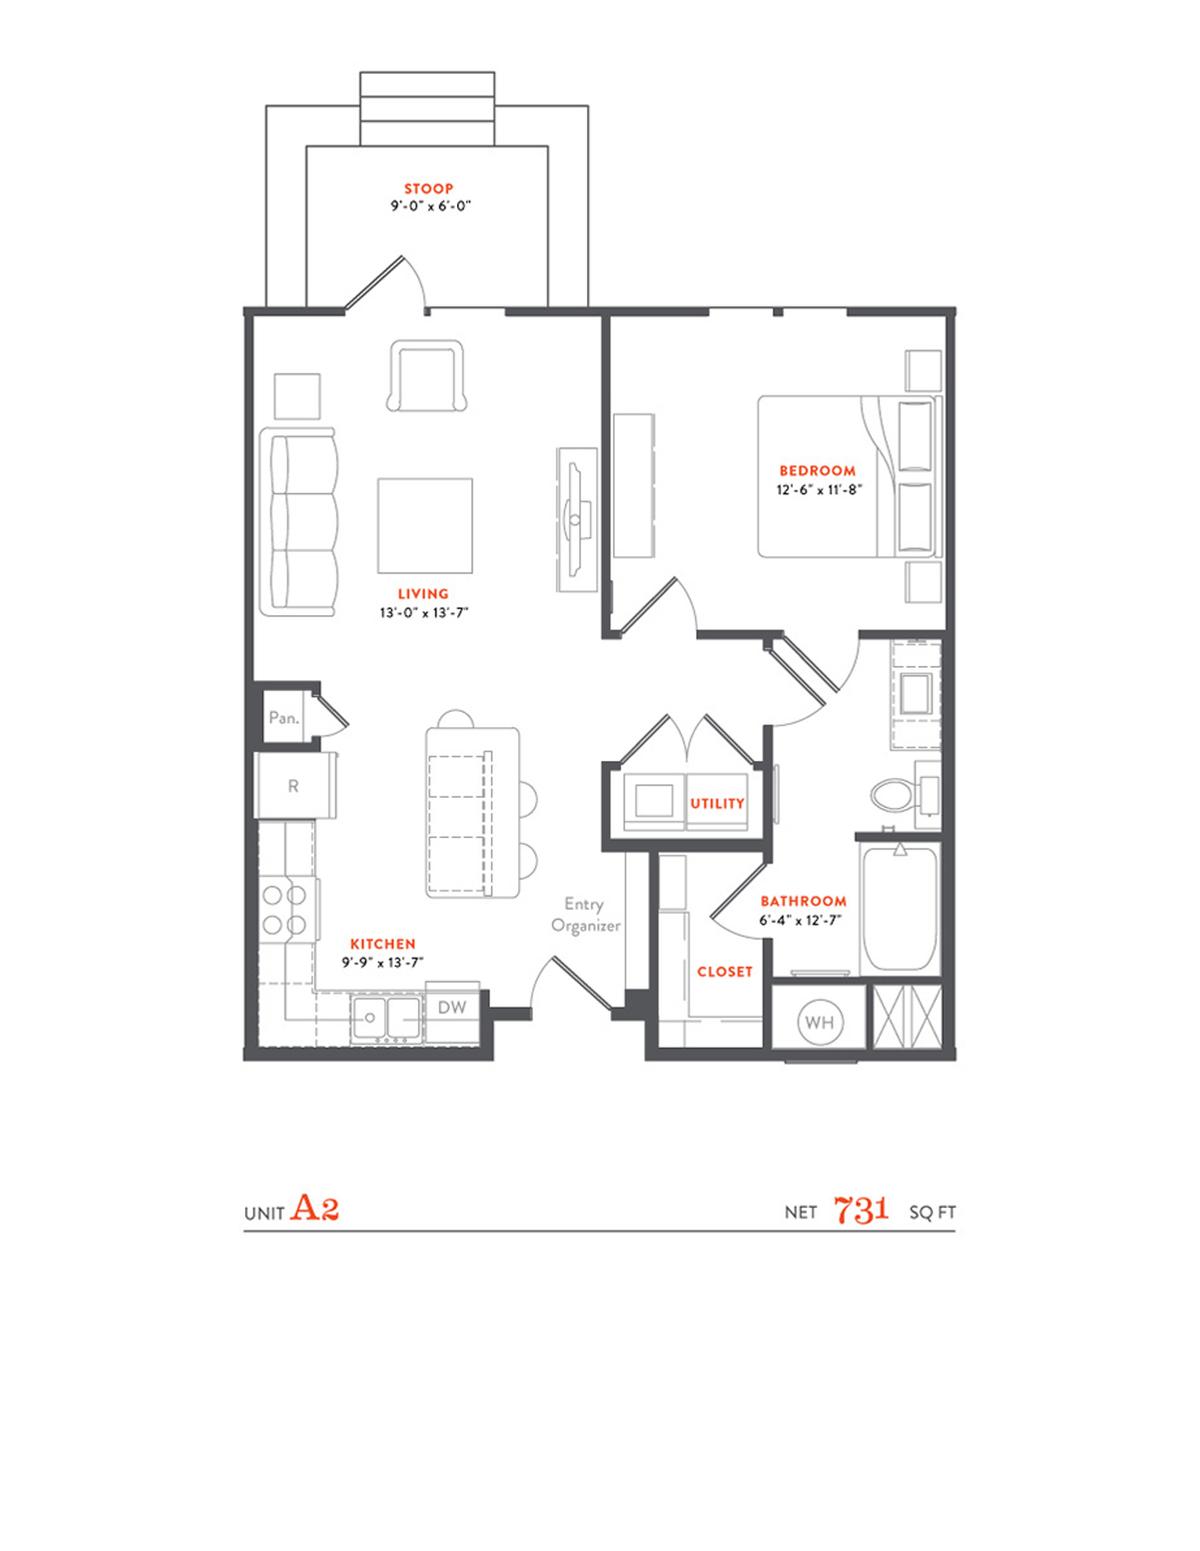 A2_Stylized_Floor_Plan-01.jpg